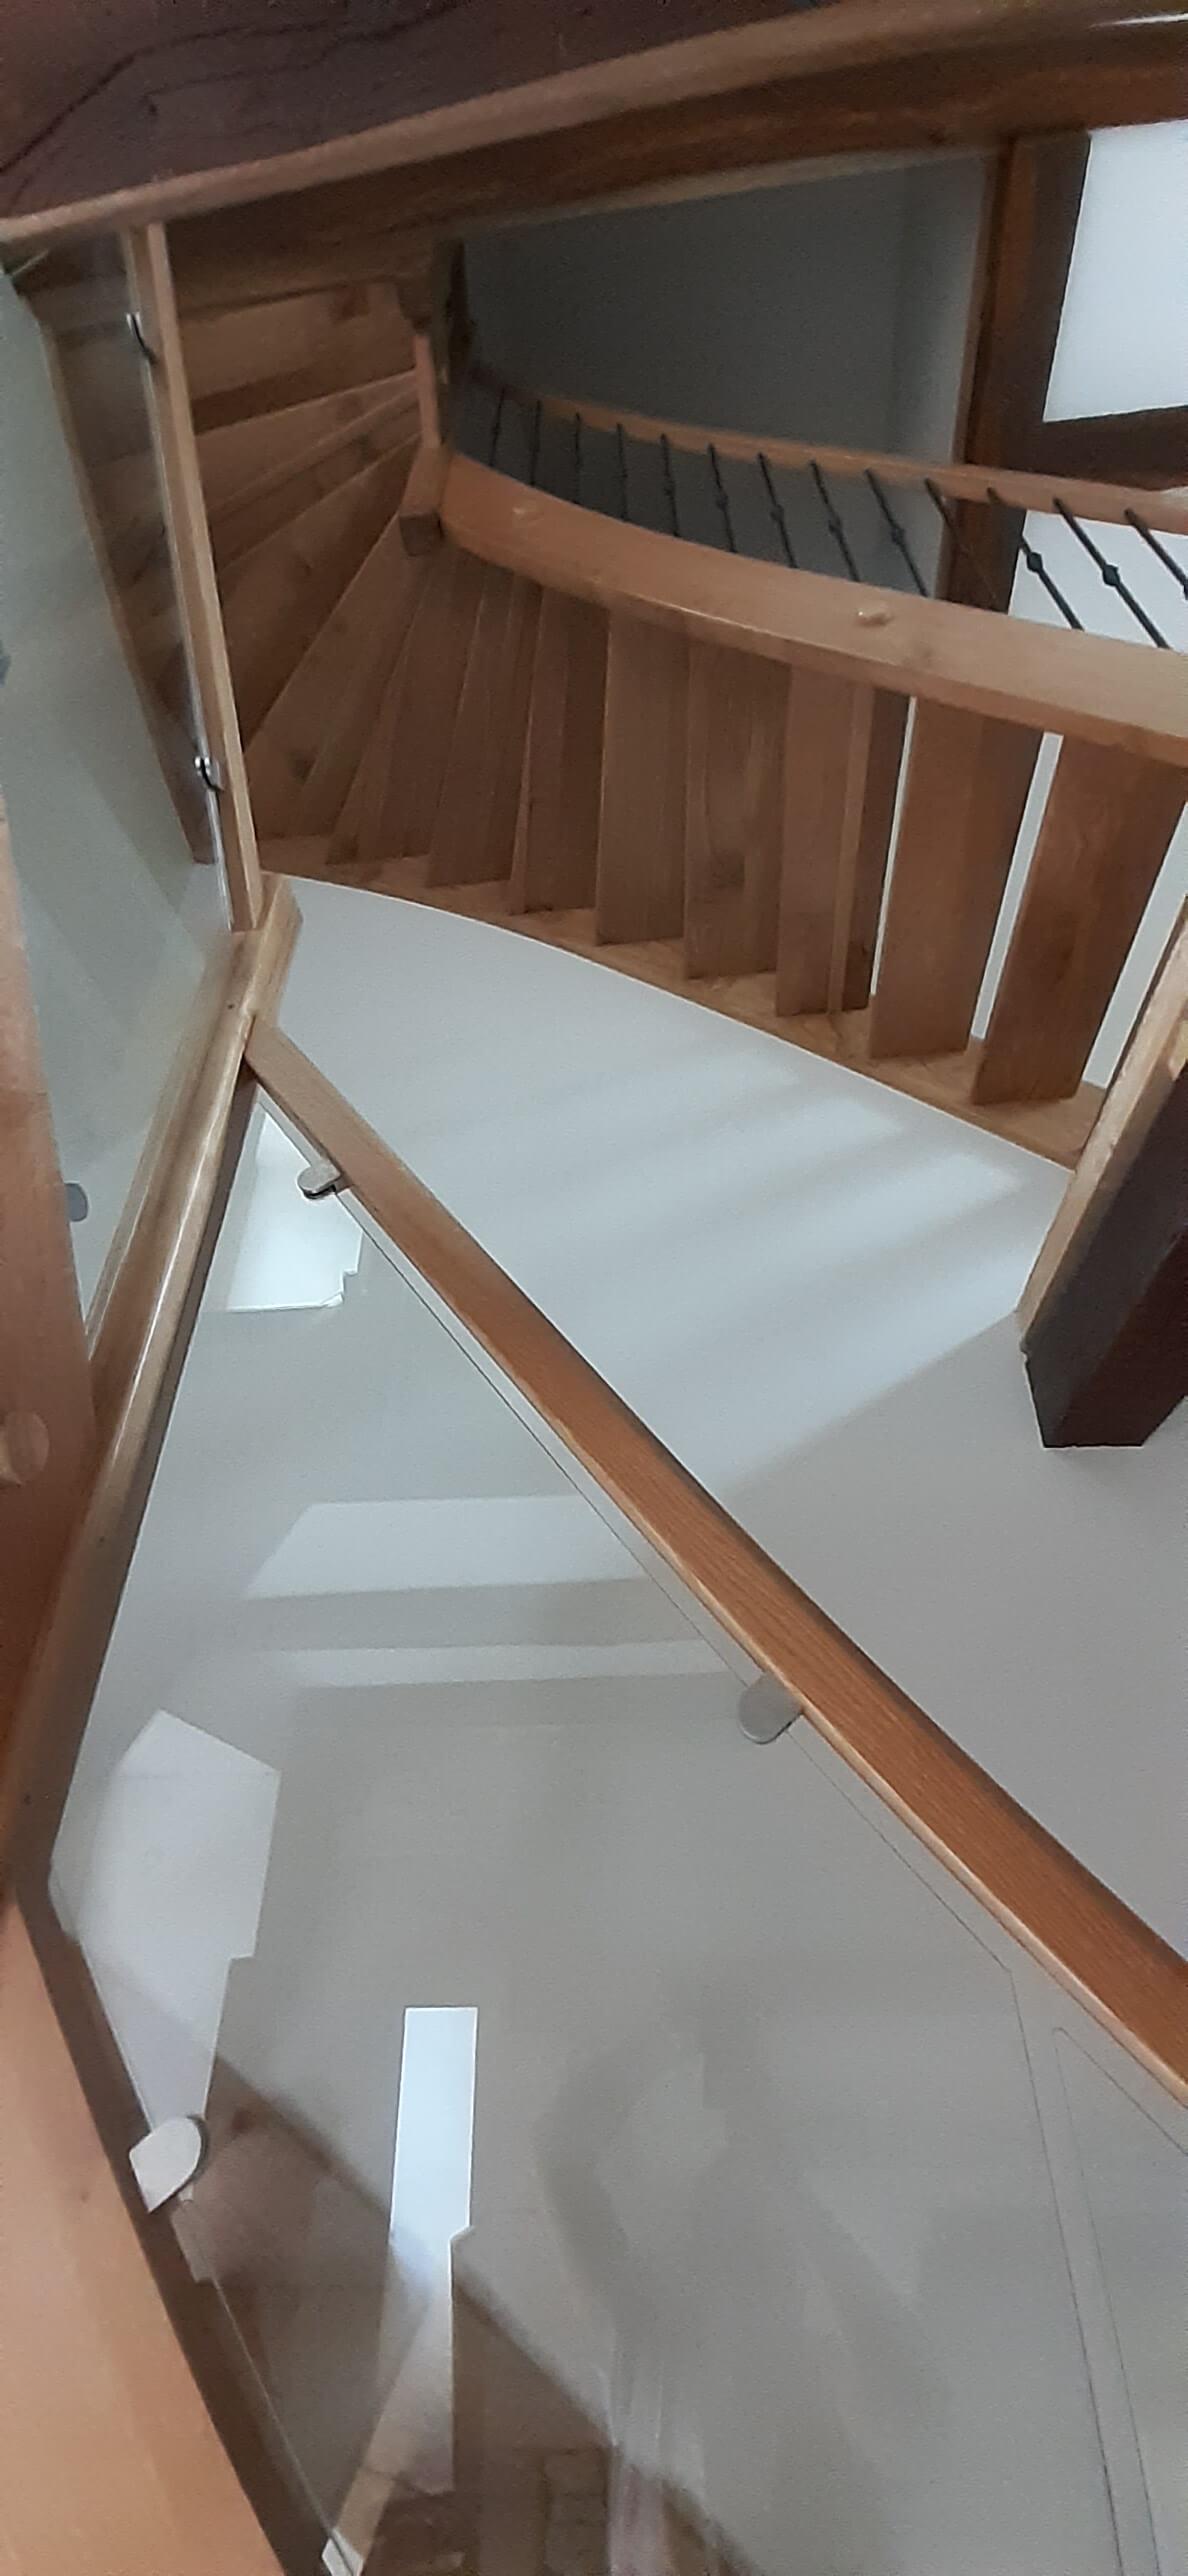 Menuiserie Figard - Fabrication sur mesure - Escalier 1/4 tournant - Chêne verre métal - Vesoul